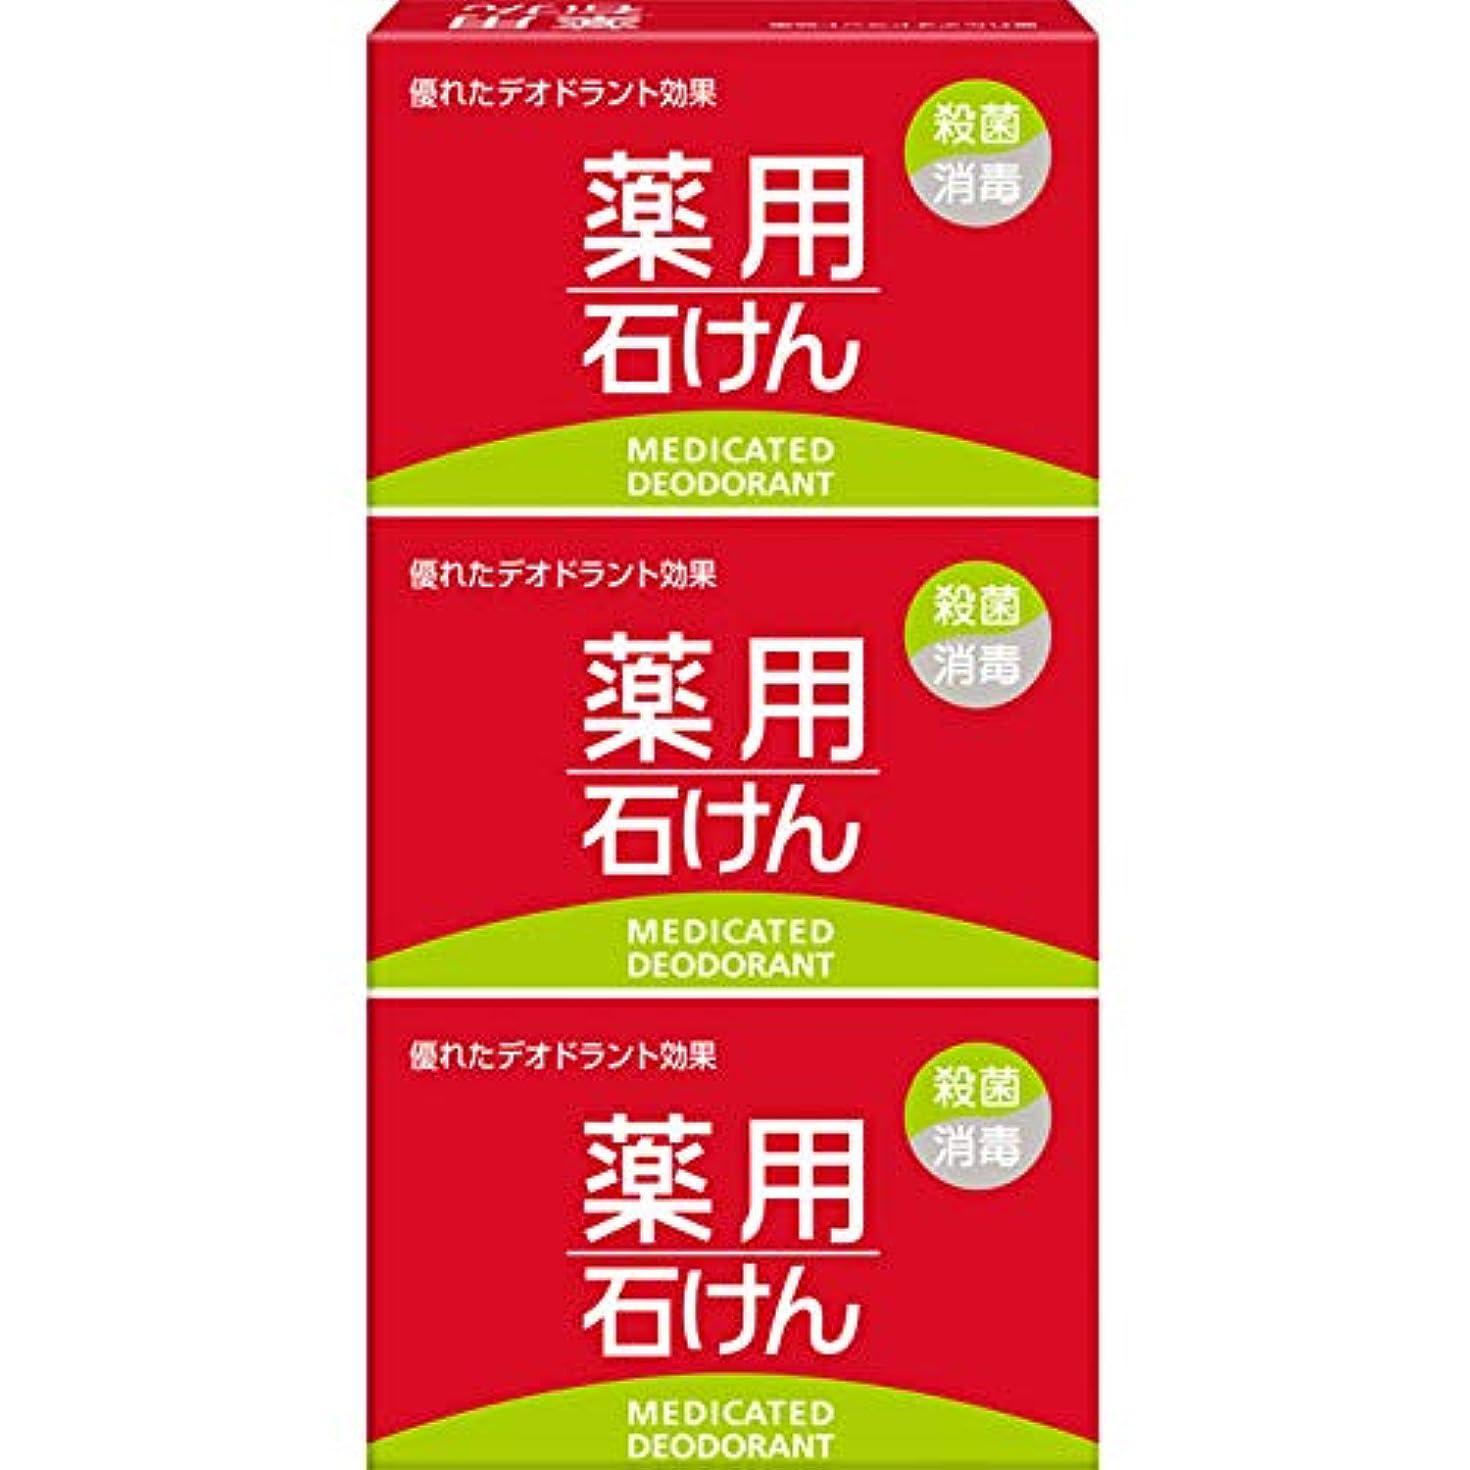 フィヨルド誕生日聴衆MK 薬用石けん 100g×3個 (医薬部外品)